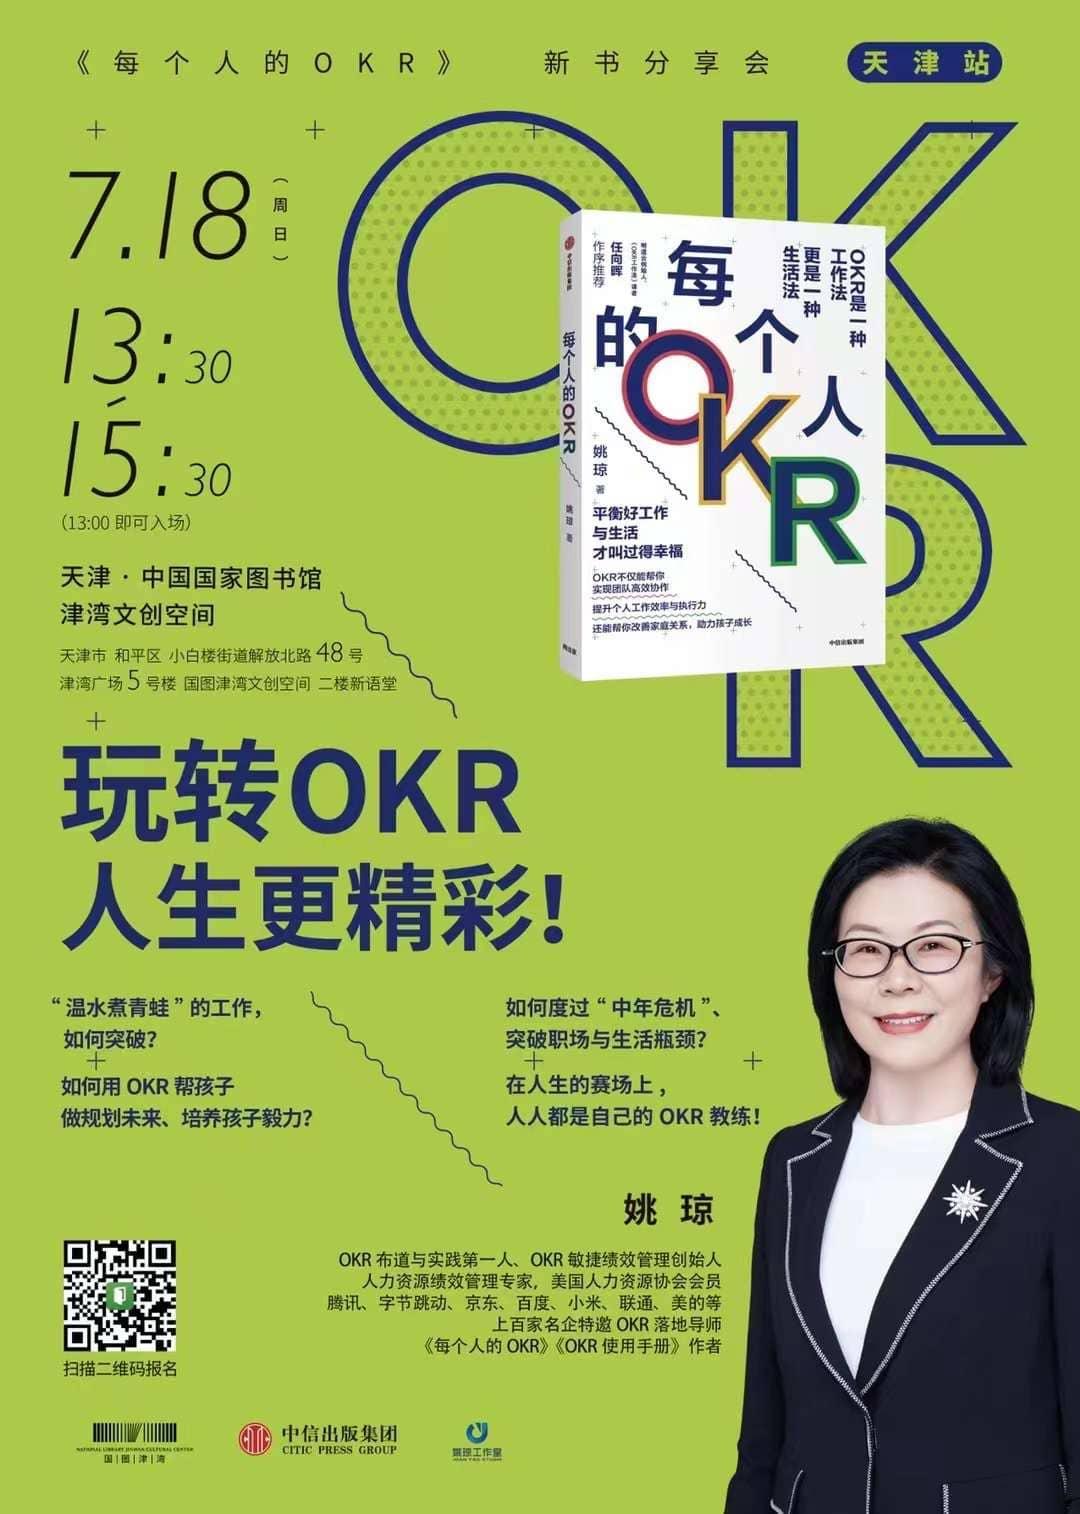 姚琼老师《每个人的OKR》新书分享会,扫码报名参加!